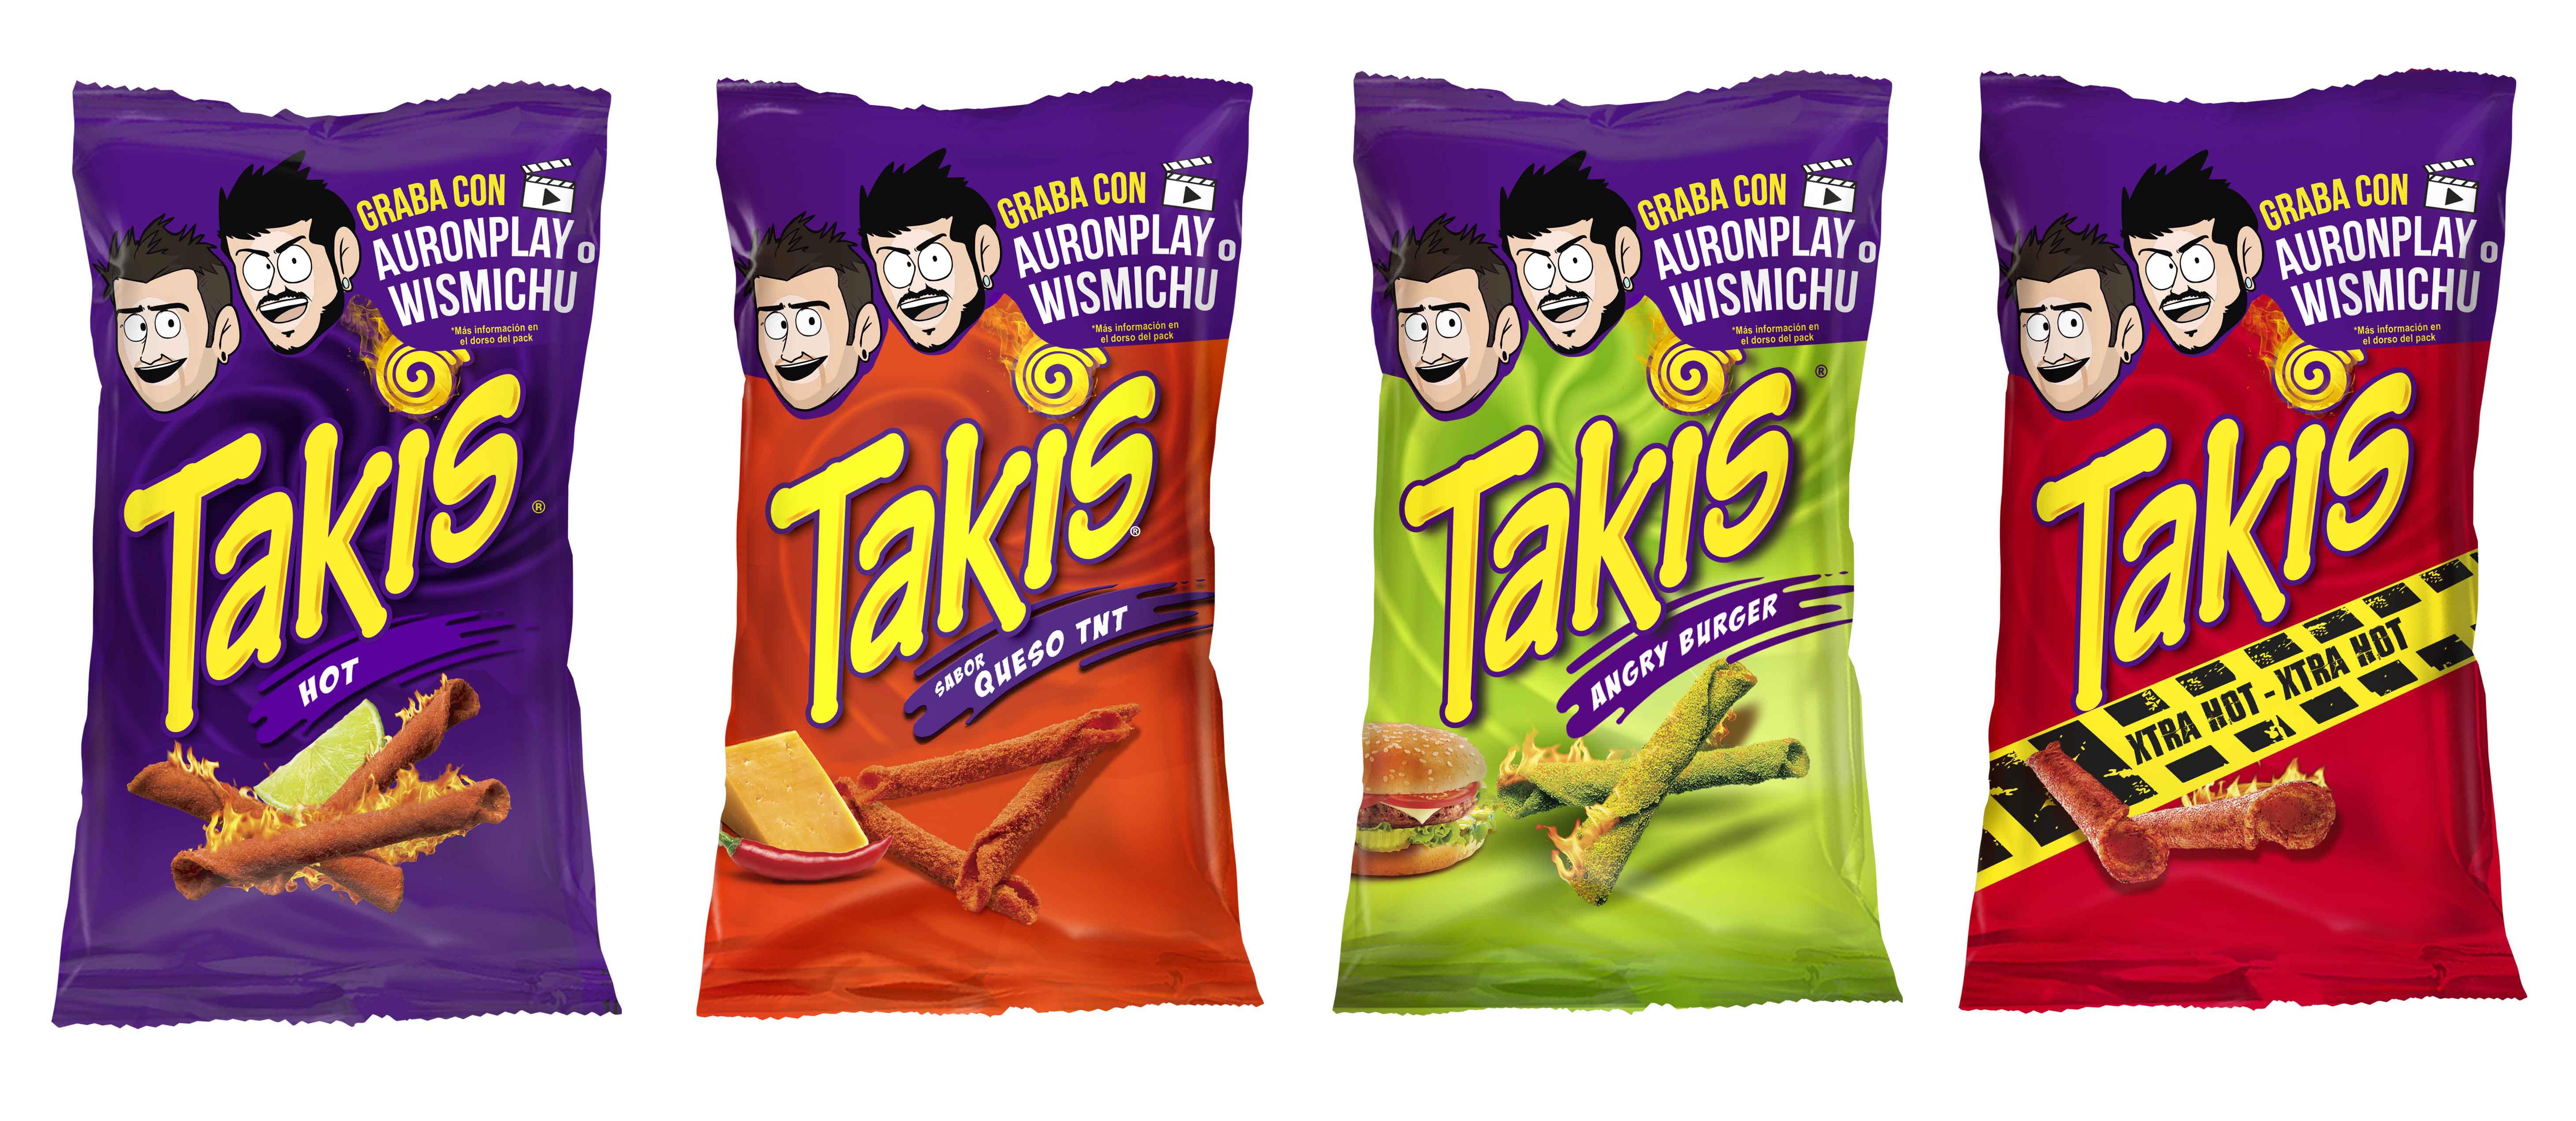 Promoción en Youtube para los snacks más picantes. ¿Te atreves?